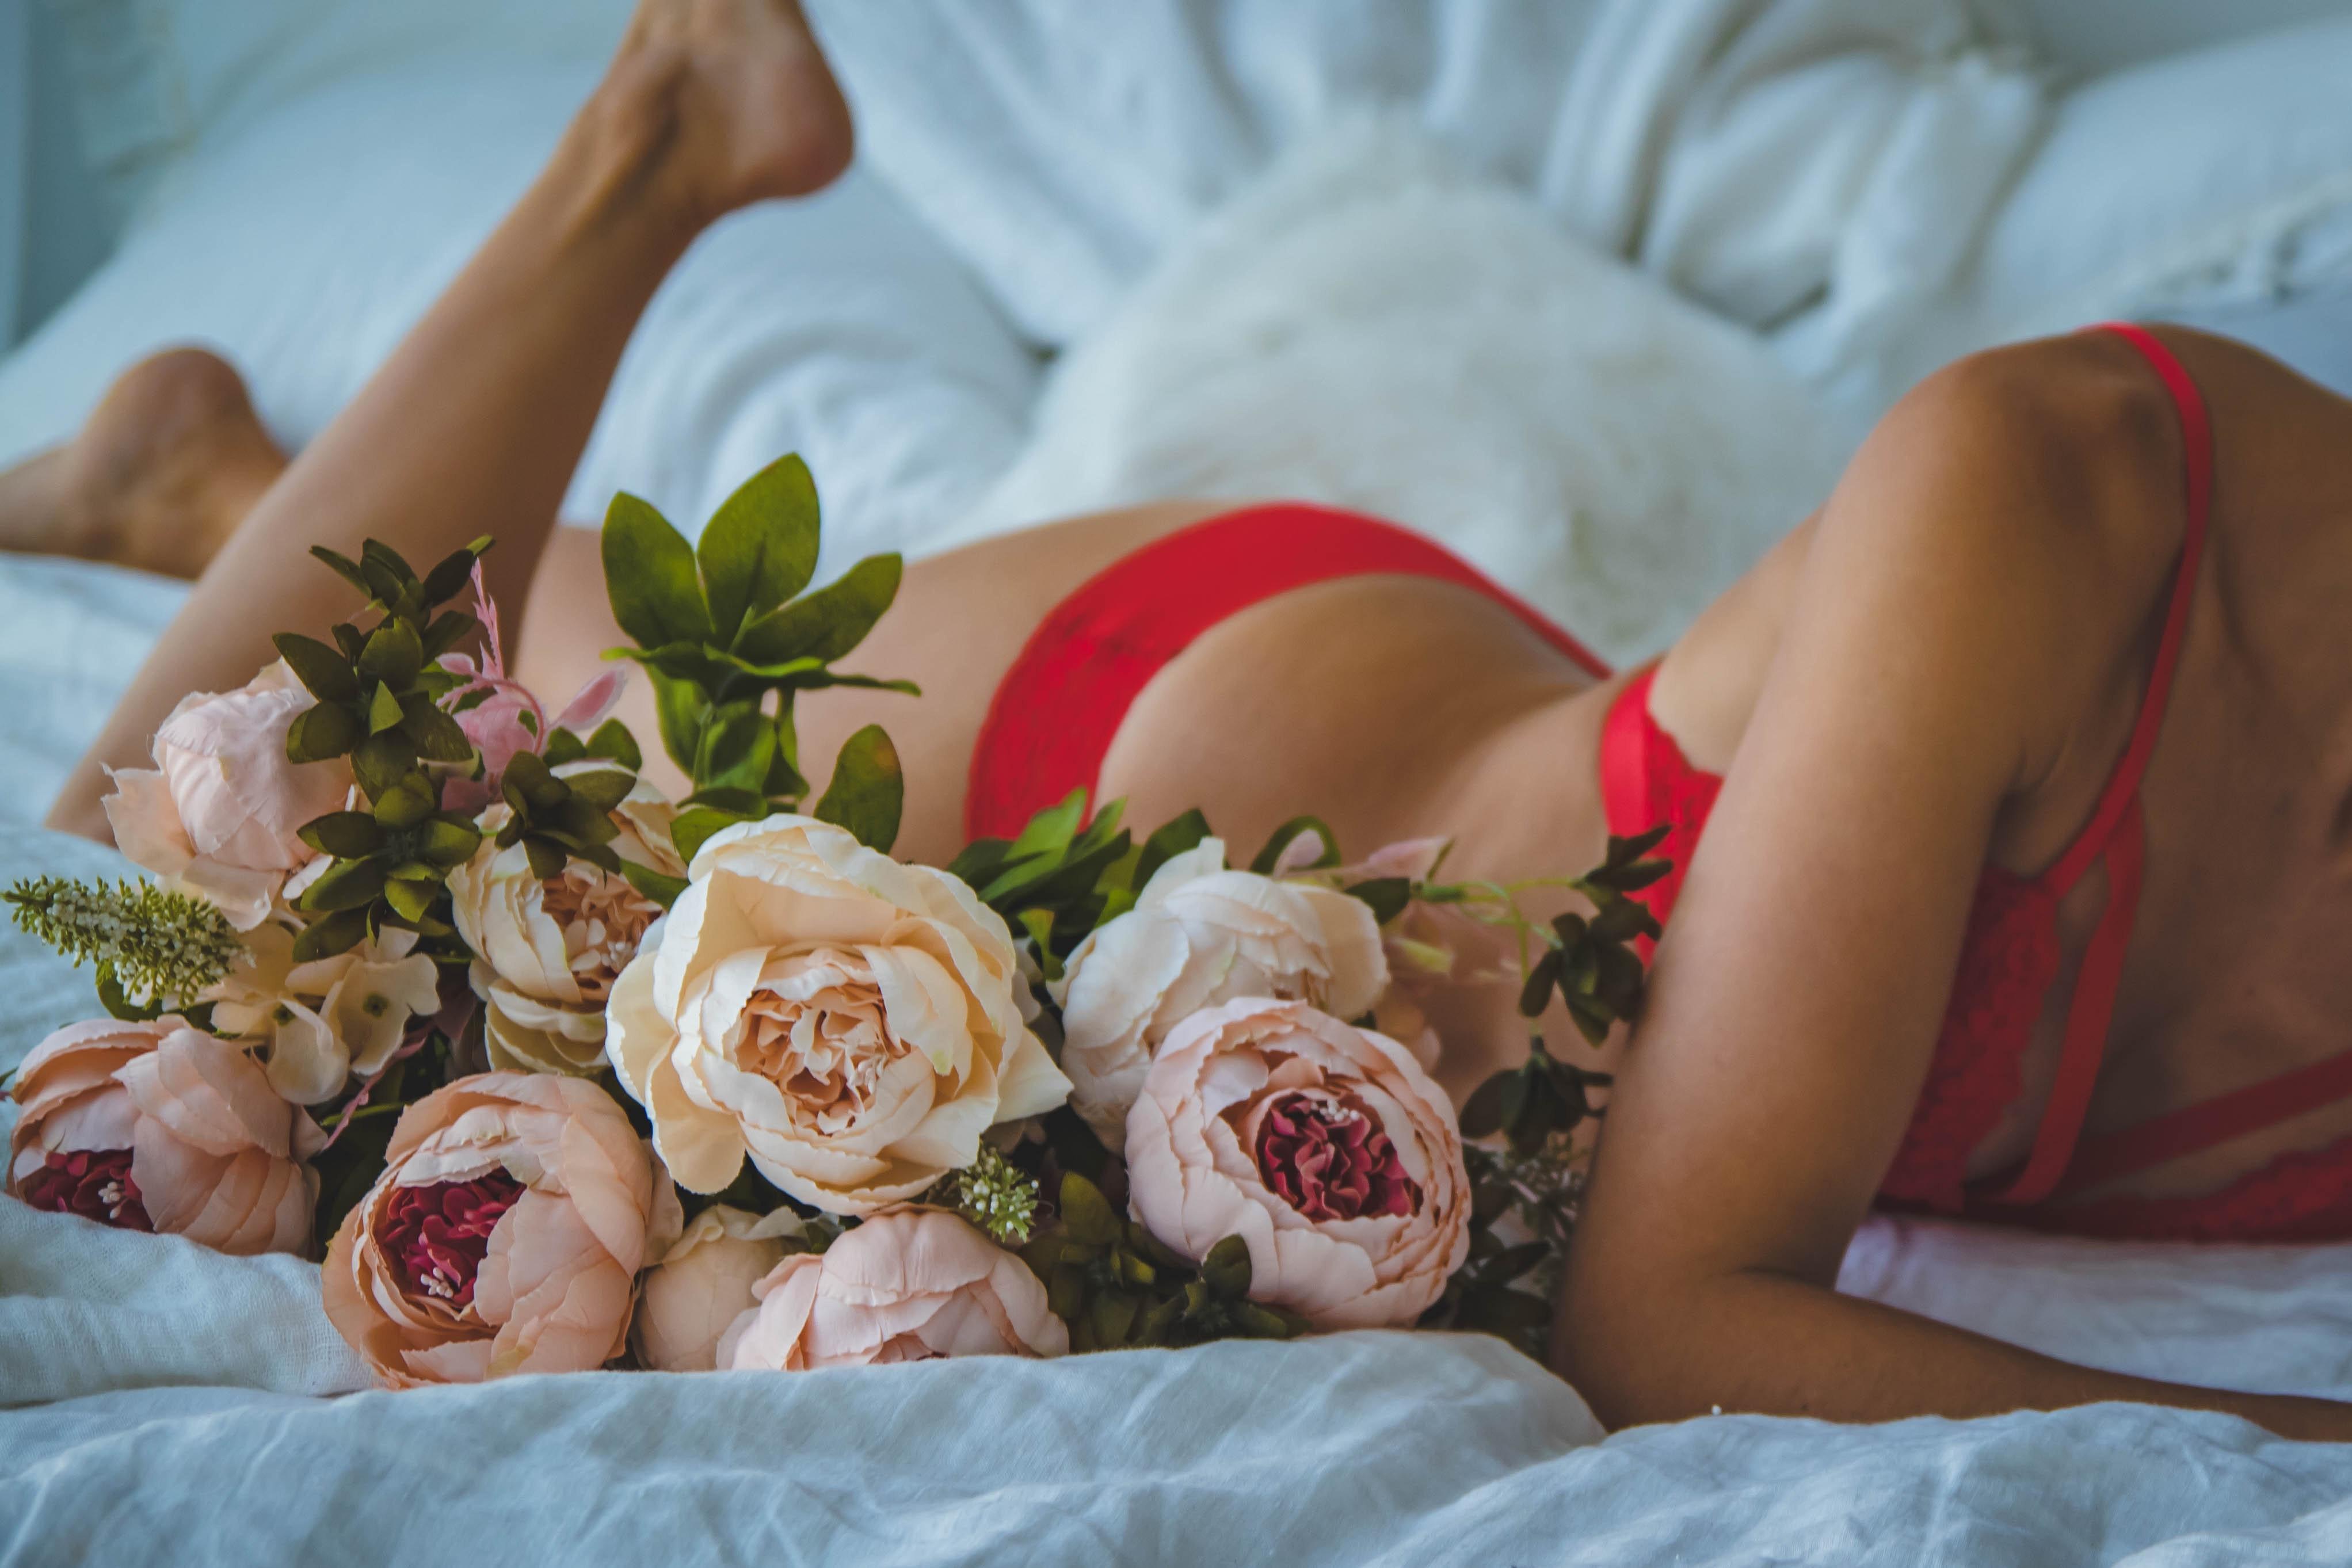 Обнаженные Цветы